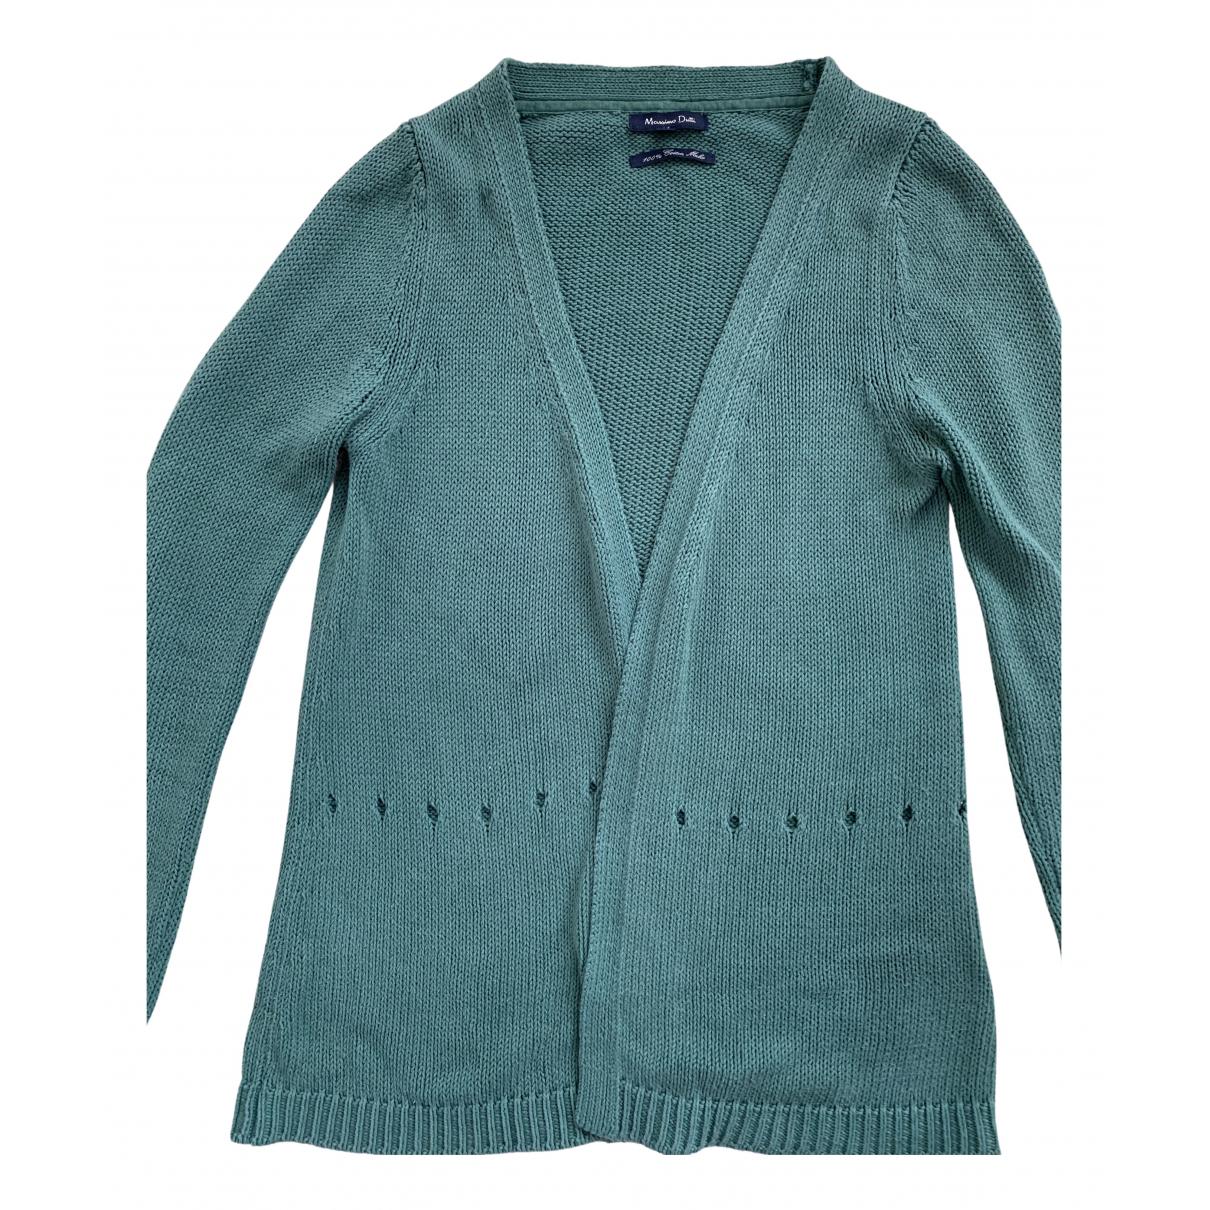 Massimo Dutti - Pull   pour femme en coton - vert